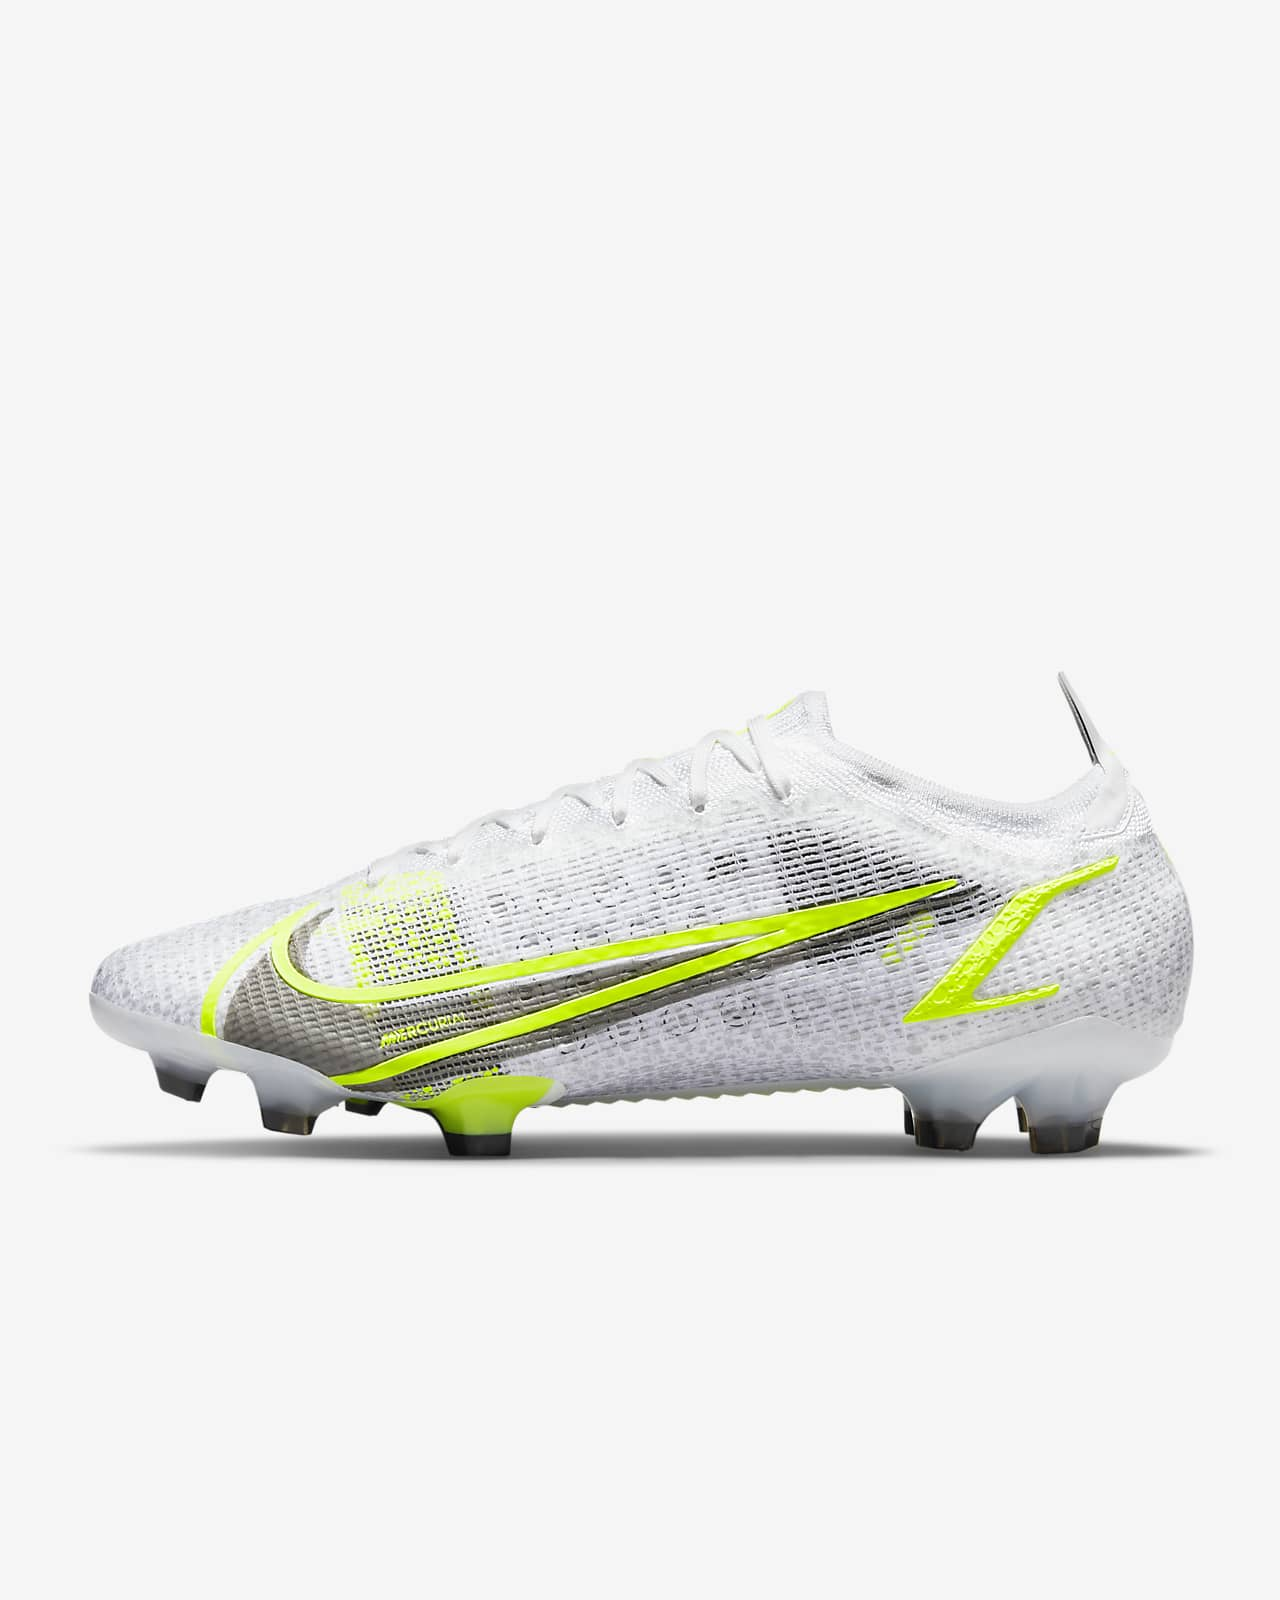 Nike Mercurial Vapor 14 Elite FG Fußballschuh für normalen Rasen